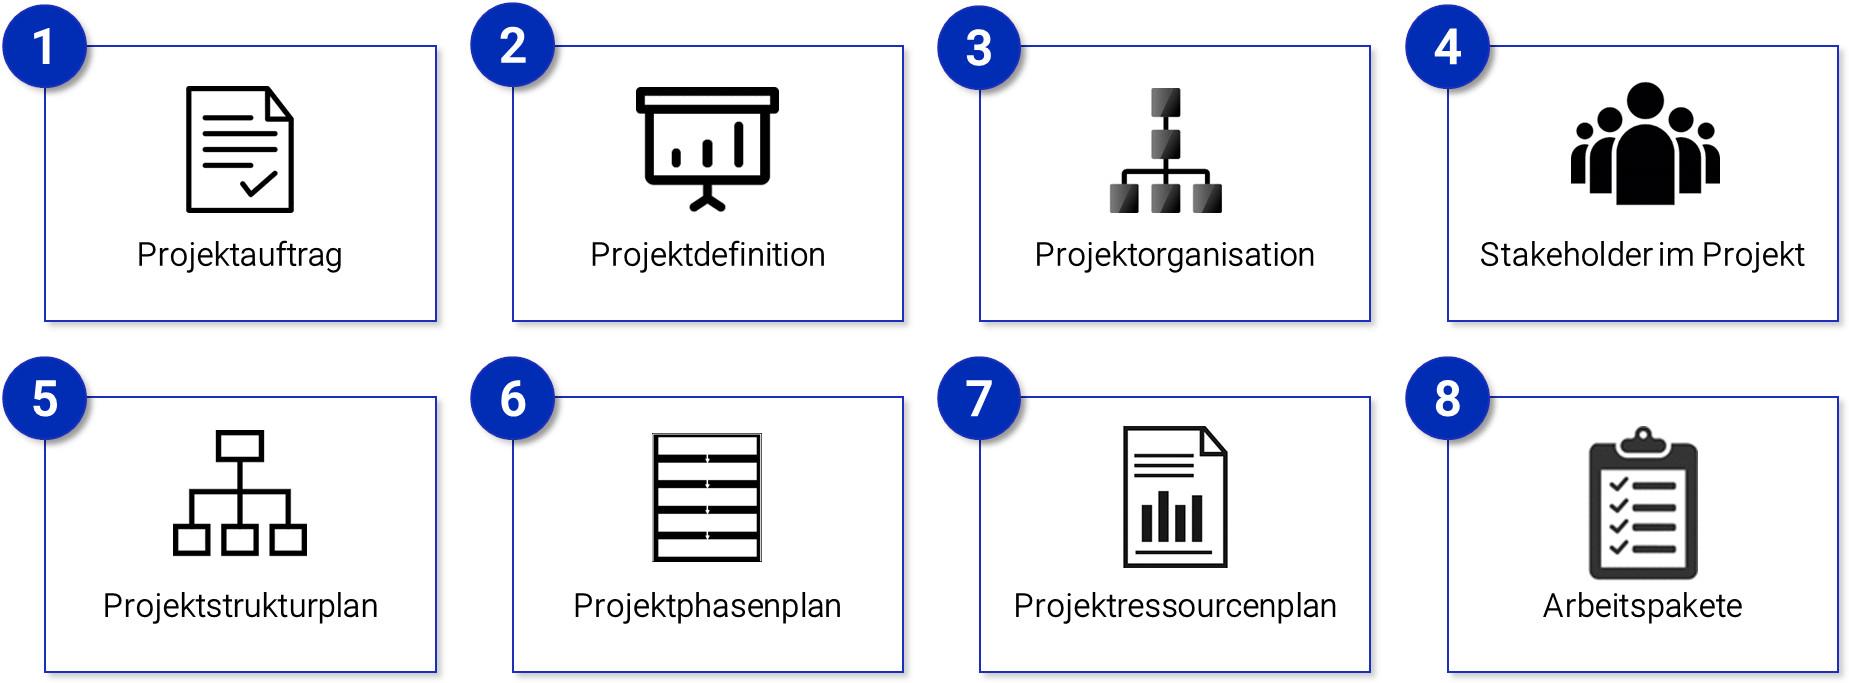 Die Bausteine des klassischen Projektmanagements